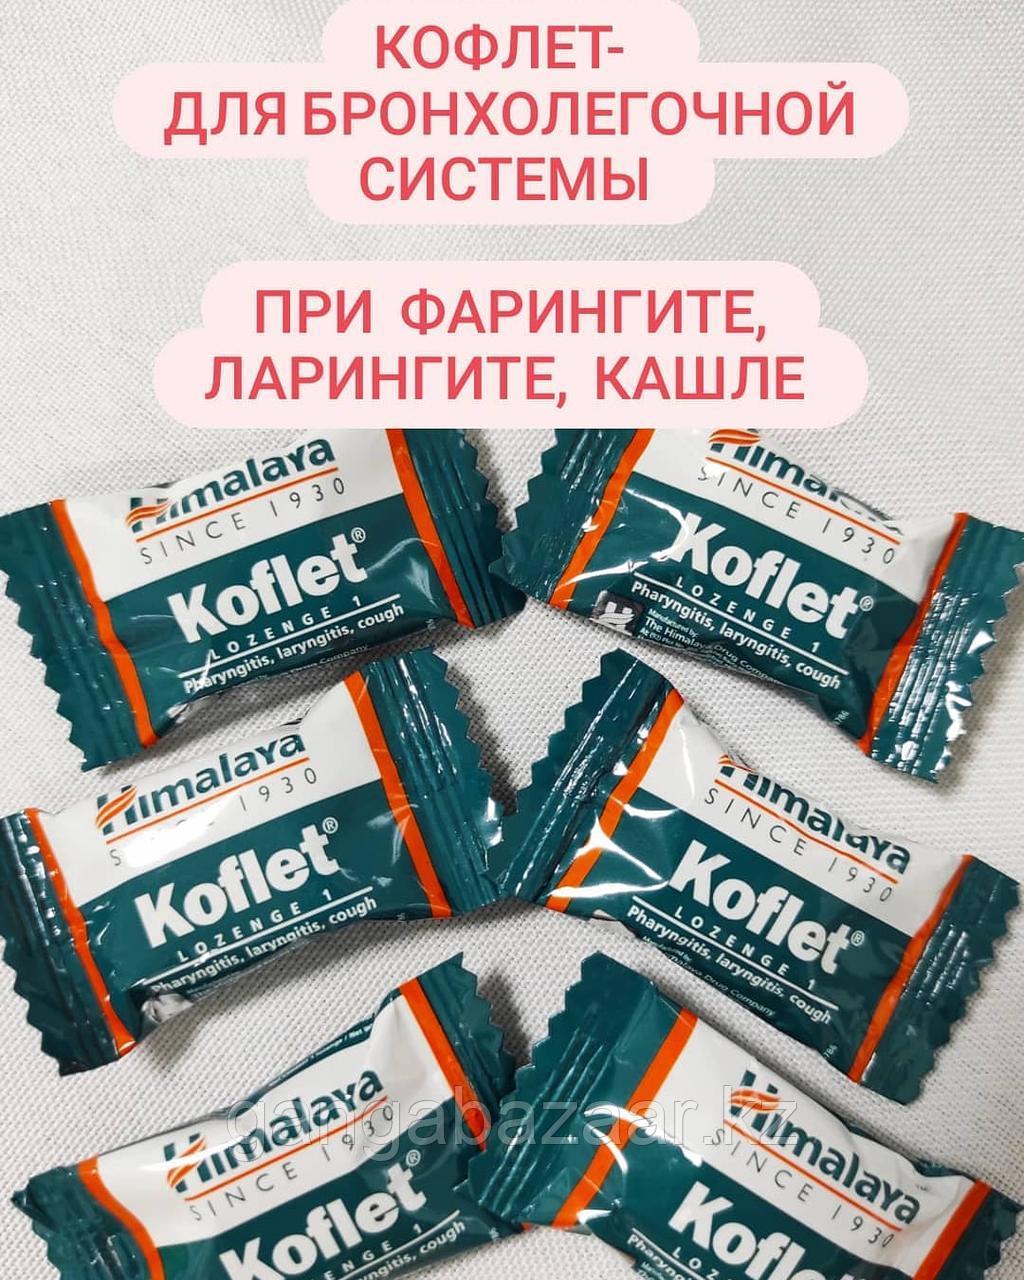 Кофлет (Koflet Himalaya) - леденцы от кашля, фарингита, ларингита, боли в горле, 10 шт